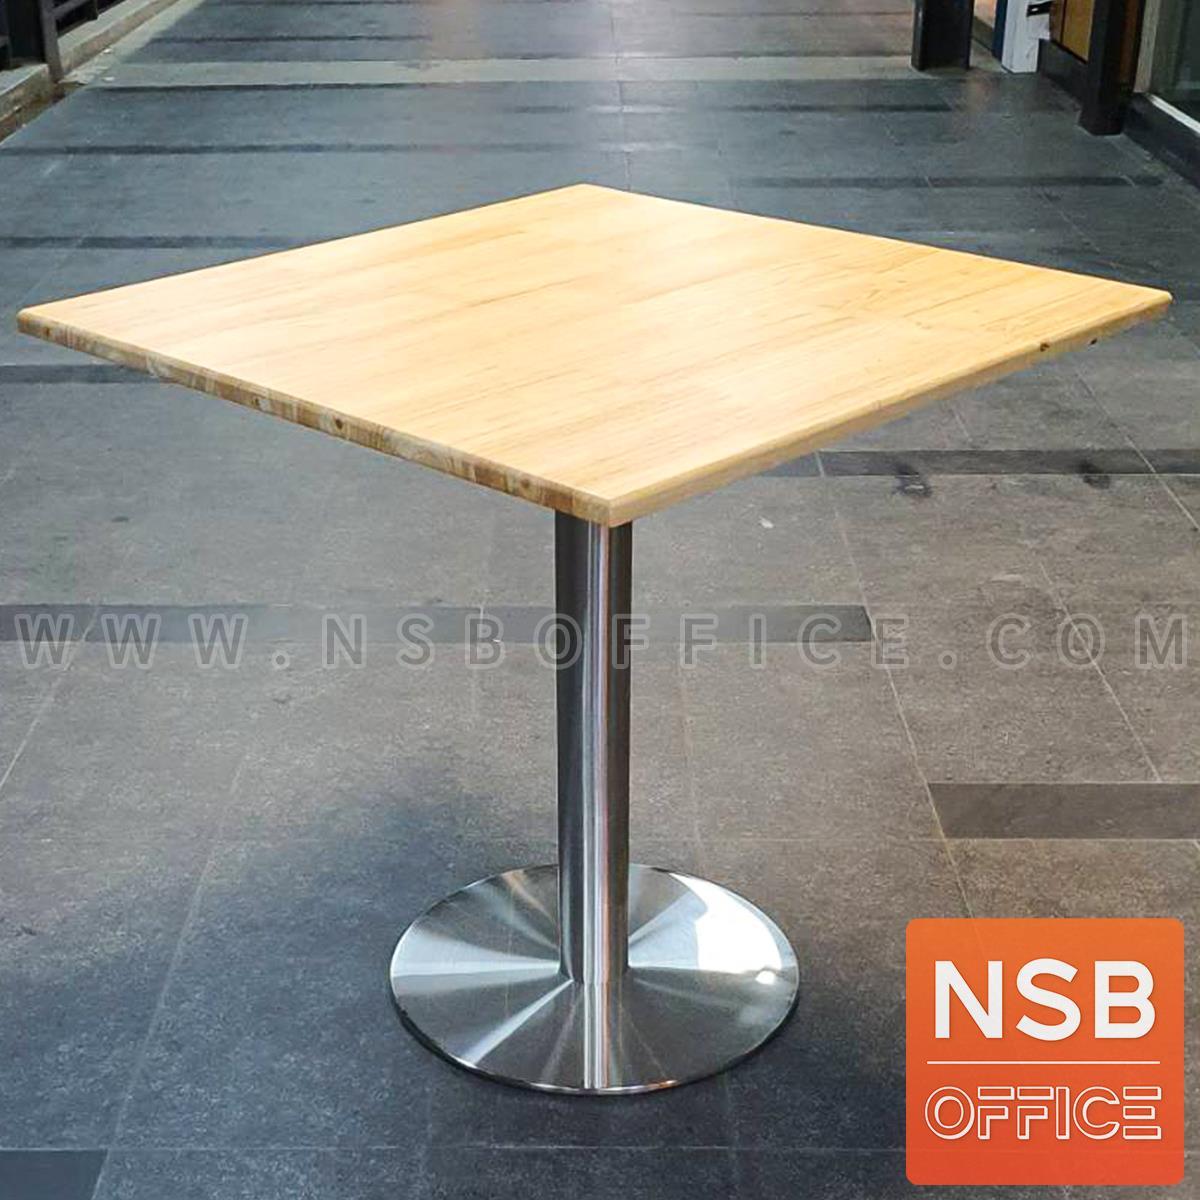 A14A279:โต๊ะบาร์ COFFEE รุ่น Tesfaye (เทสเฟย์)  หน้าท็อปไม้ยางพารา ขาสเตนเลสฐานกลมแบน